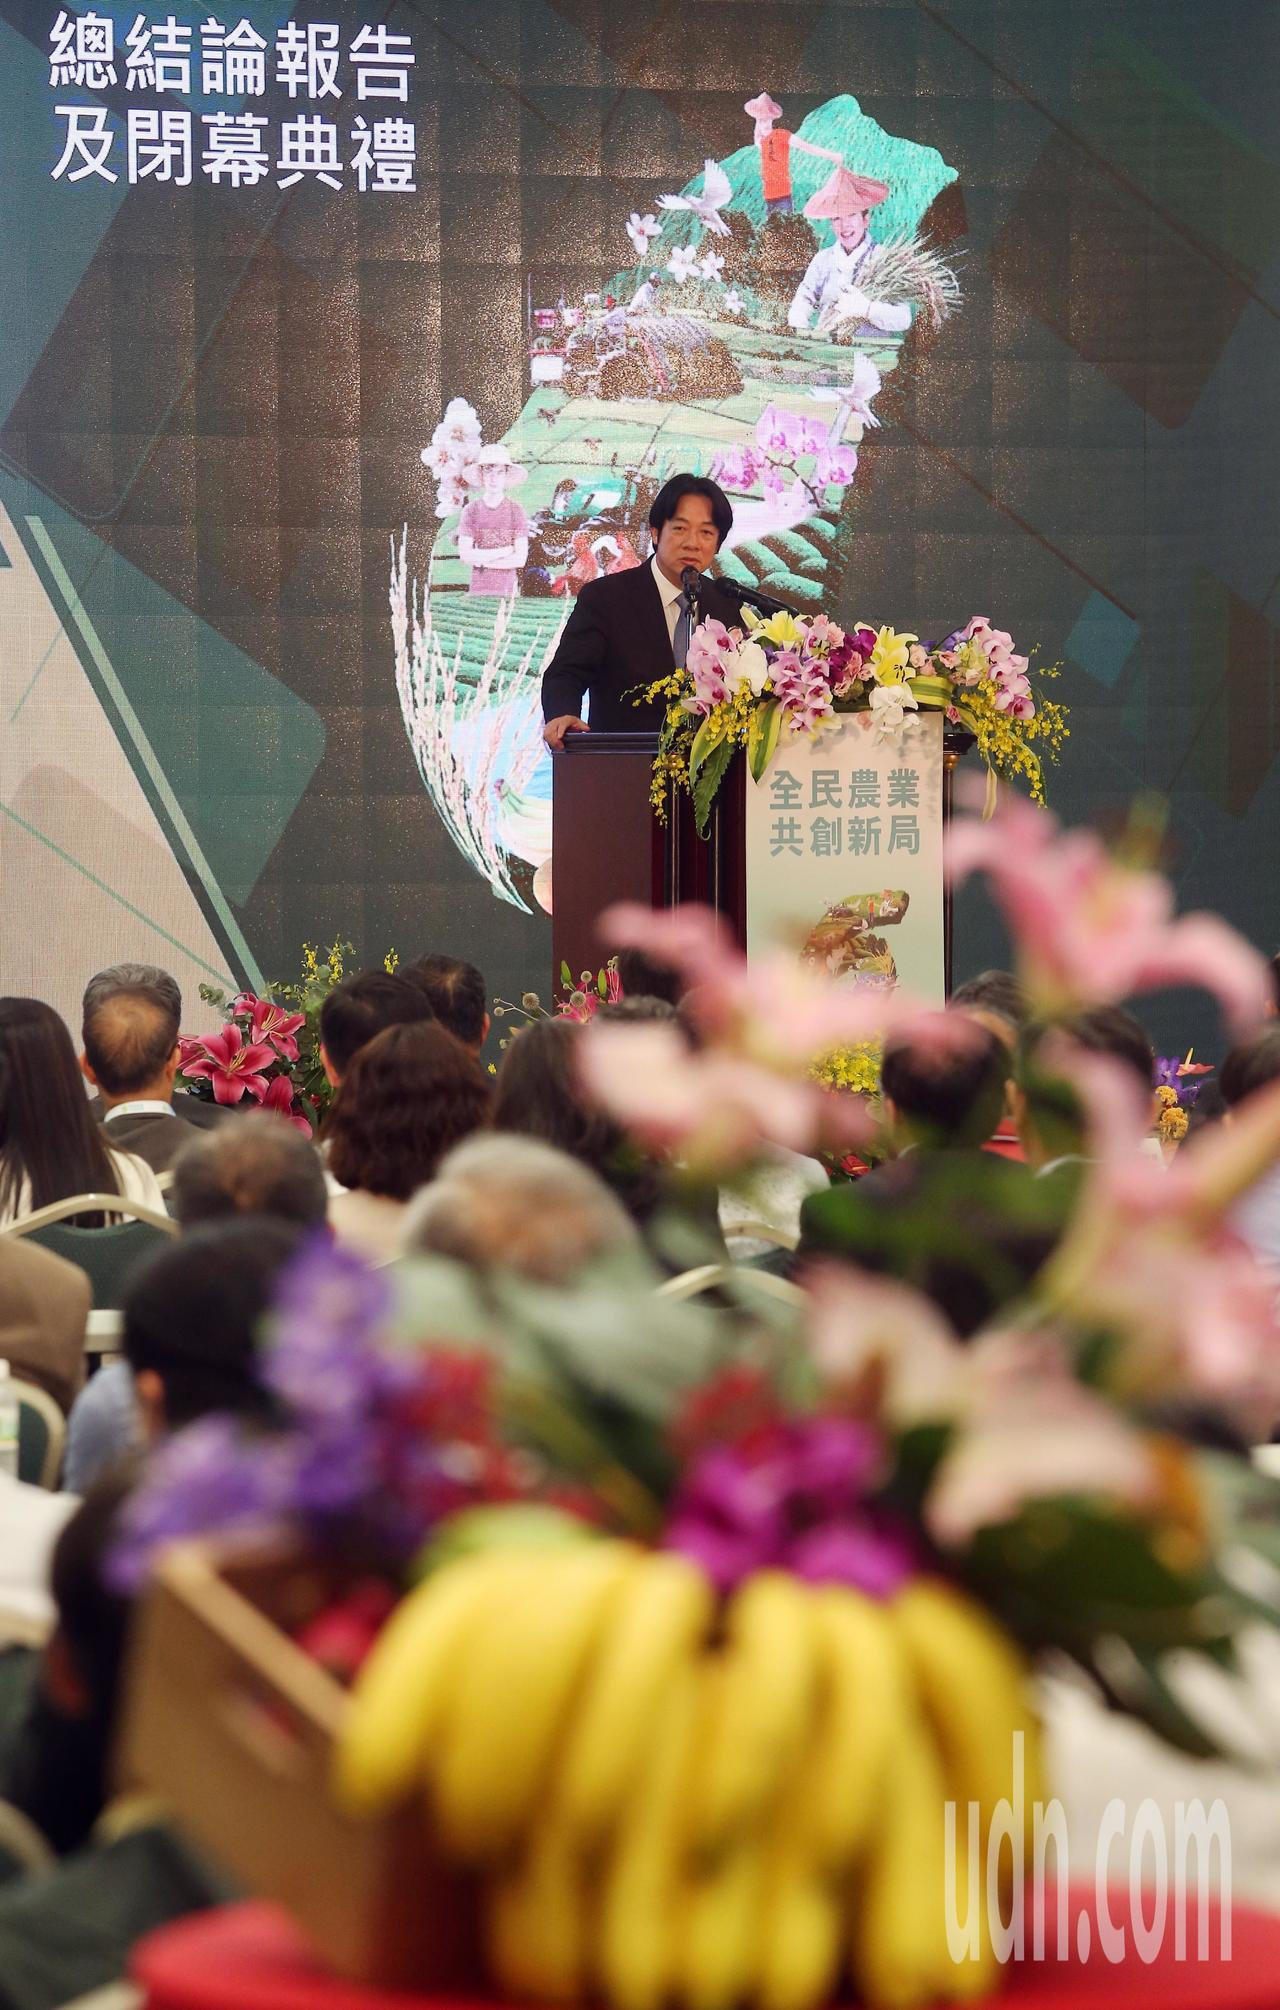 行政院長賴清德下午參加全國農業會議閉幕典禮,期許農委會與全民共同攜手打造安全農業...